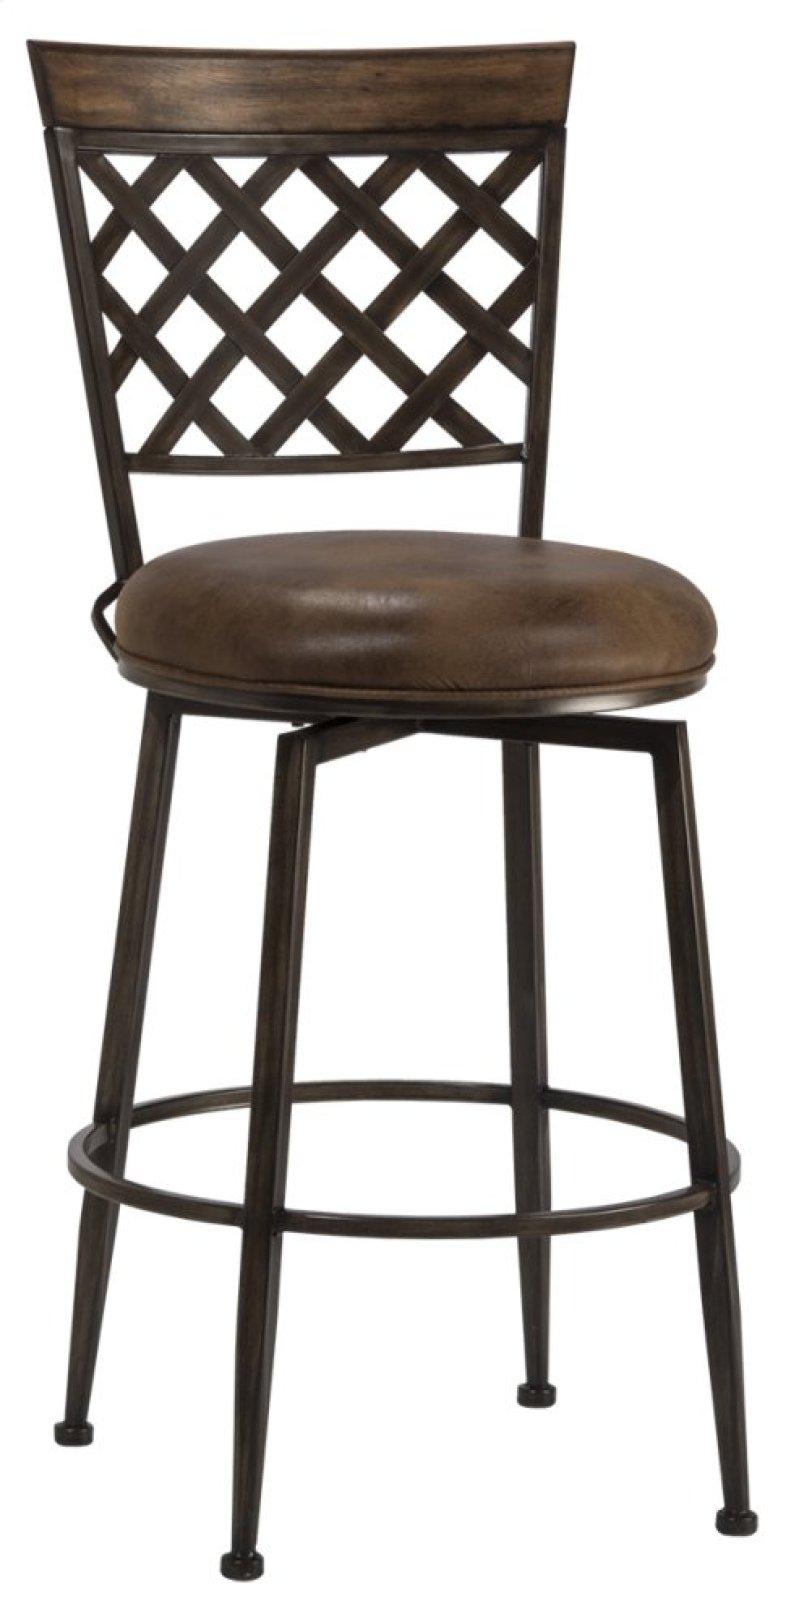 4803827 In By Hillsdale Furniture In Hackettstown Nj Greenfield